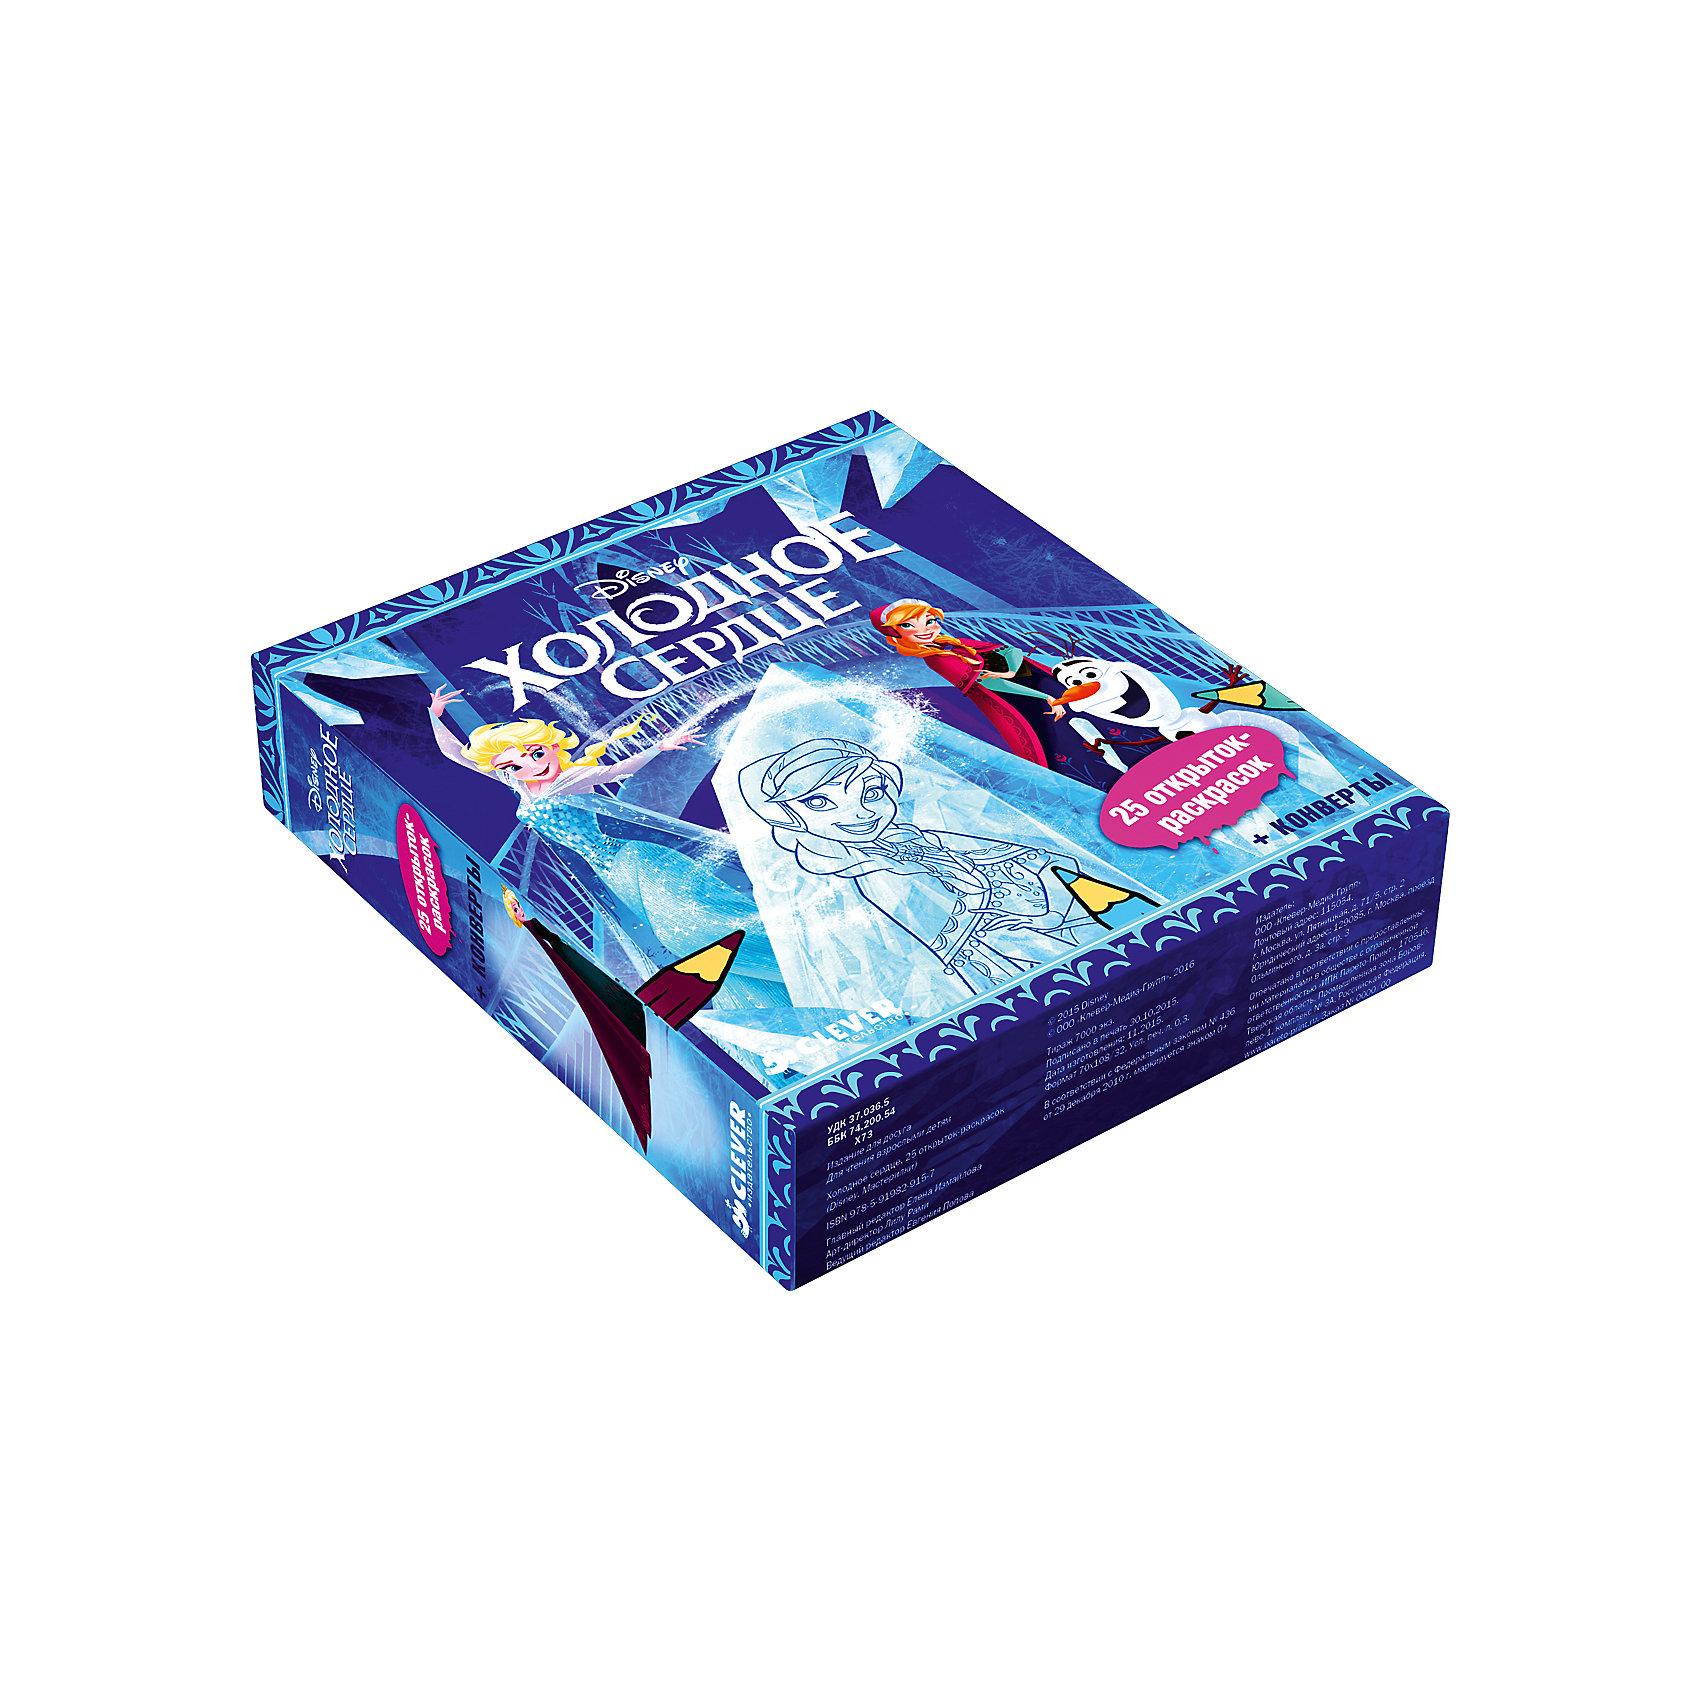 25 открыток-раскрасок Холодное сердцеCLEVER (КЛЕВЕР)<br>25 открыток-раскрасок Холодное сердце - чудесный творческий набор для всех маленьких поклонниц популярного диснеевского мультфильма Холодное сердце (Frozen). В комплект входят 25 открыток-раскрасок, сложенных книжечкой  и 25 конвертов для них. На каждой открытке - персонаж любимого мультфильма. Раскрасьте его, чтобы картинка стала яркой и нарядной, дорисуйте всё, что подскажет фантазия, подпишите открытку - и приятный сюрприз готов! Сделанная своими руками нарядная открытка станет замечательным сувениром для родных и друзей.<br><br>Дополнительная информация:<br><br>- В комплекте: 25 открыток-раскрасок + 25 конвертов.<br>- Серия: Disney. Мастерилки.  <br>- Материал: плотная бумага.<br>- Иллюстрации: черно-белые + цветные.<br>- Размер упаковки: 15 x 13 x 3,2 см.<br>- Вес: 0,24 кг. <br><br>25 открыток-раскрасок Холодное сердце, Клевер Медиа Групп, можно купить в нашем интернет-магазине.<br><br>Ширина мм: 130<br>Глубина мм: 150<br>Высота мм: 20<br>Вес г: 350<br>Возраст от месяцев: 84<br>Возраст до месяцев: 132<br>Пол: Женский<br>Возраст: Детский<br>SKU: 4501138